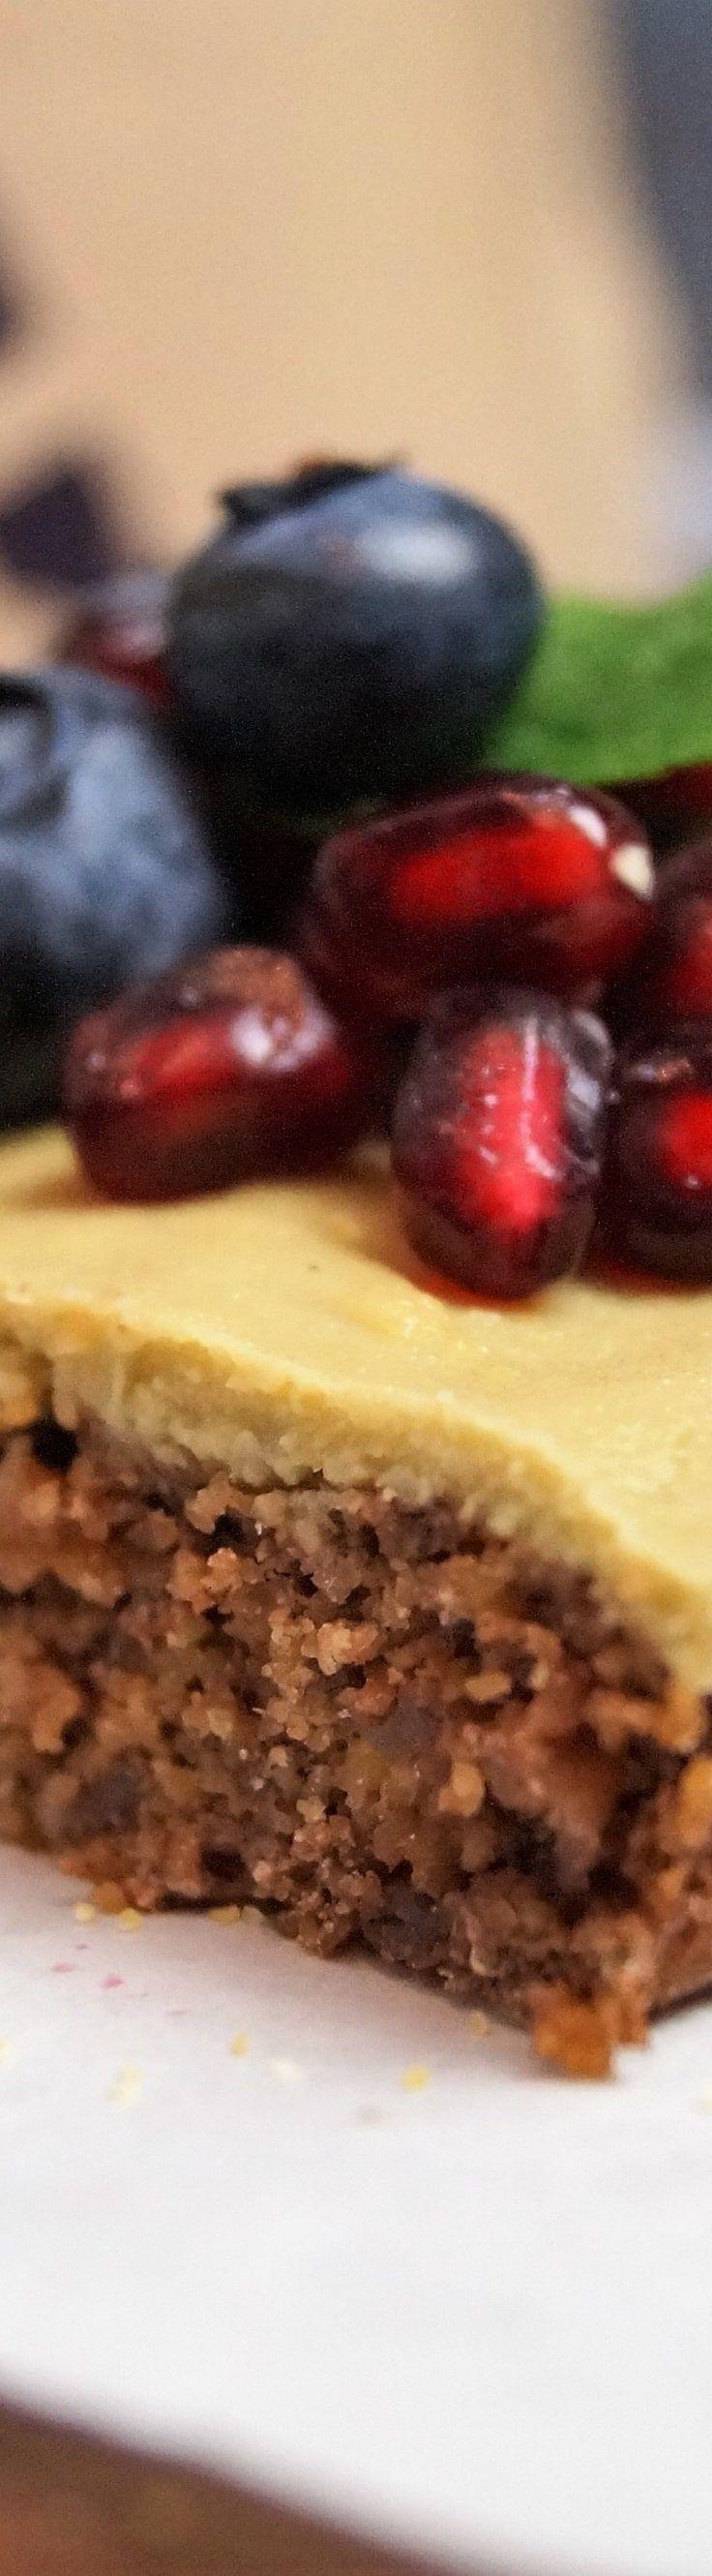 Epic Polenta Blaubeer Kuchen mit Quinoa und Matcha Kokos Creme